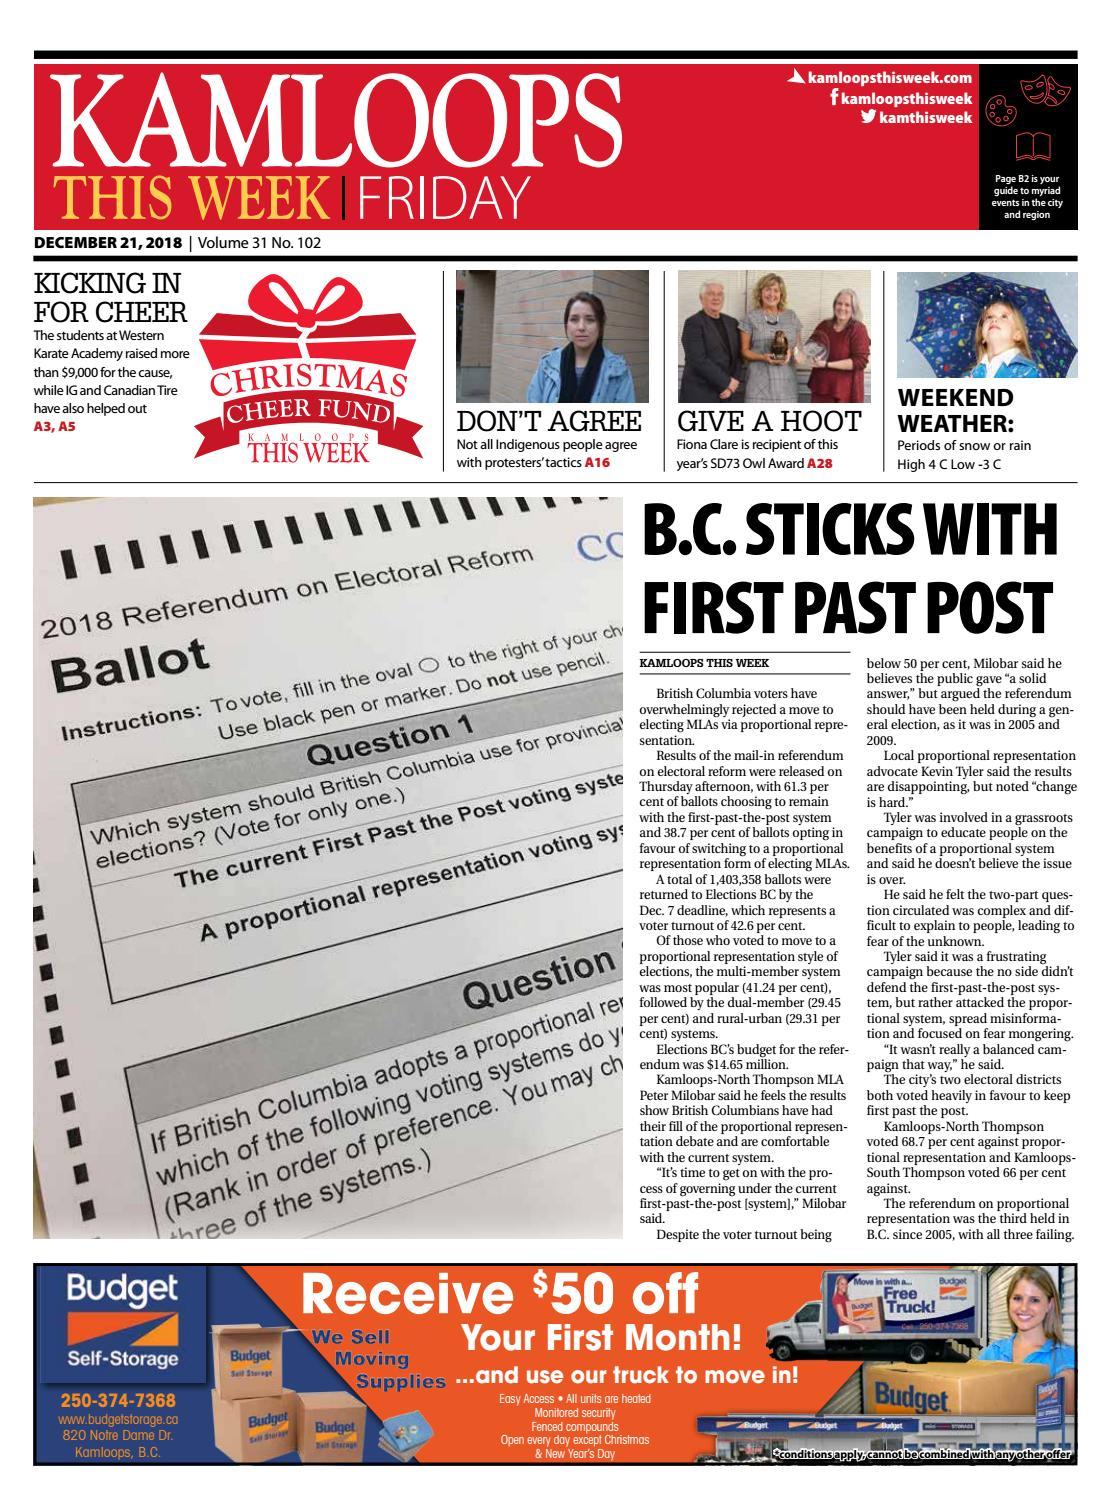 Kamloops This Week December 21, 2018 by KamloopsThisWeek - issuu b91945c5bb9